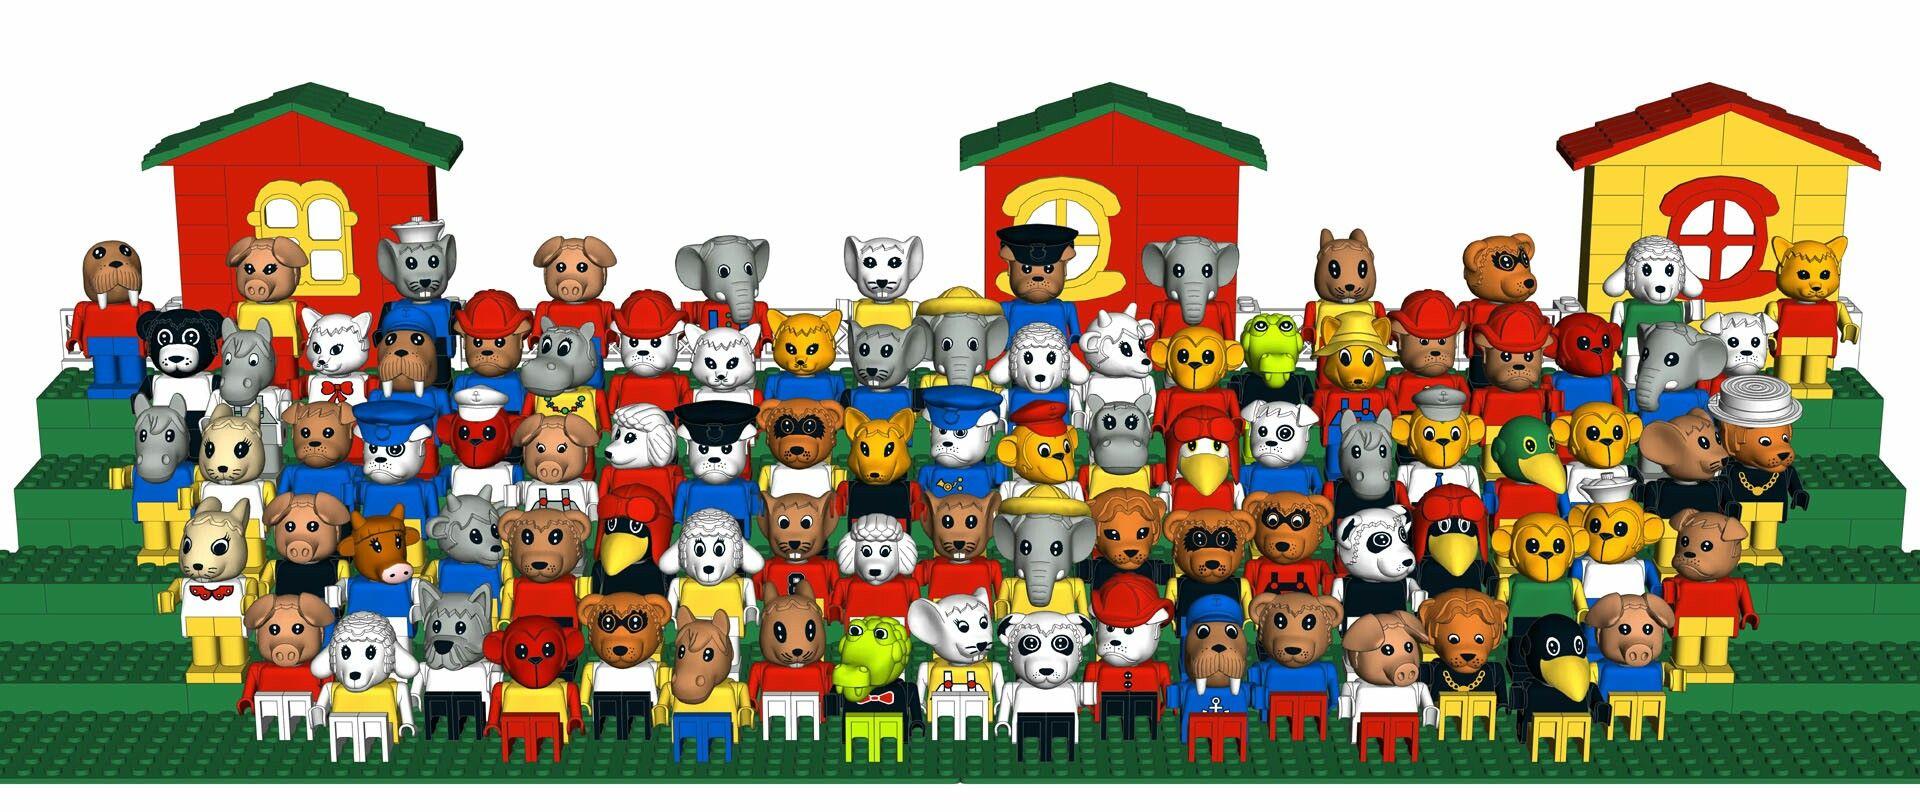 Lego LegoEt Pieces LegoEt Fabuland80's Fabuland80's All Lego Lego Pieces Fabuland80's All dCBoshQtrx